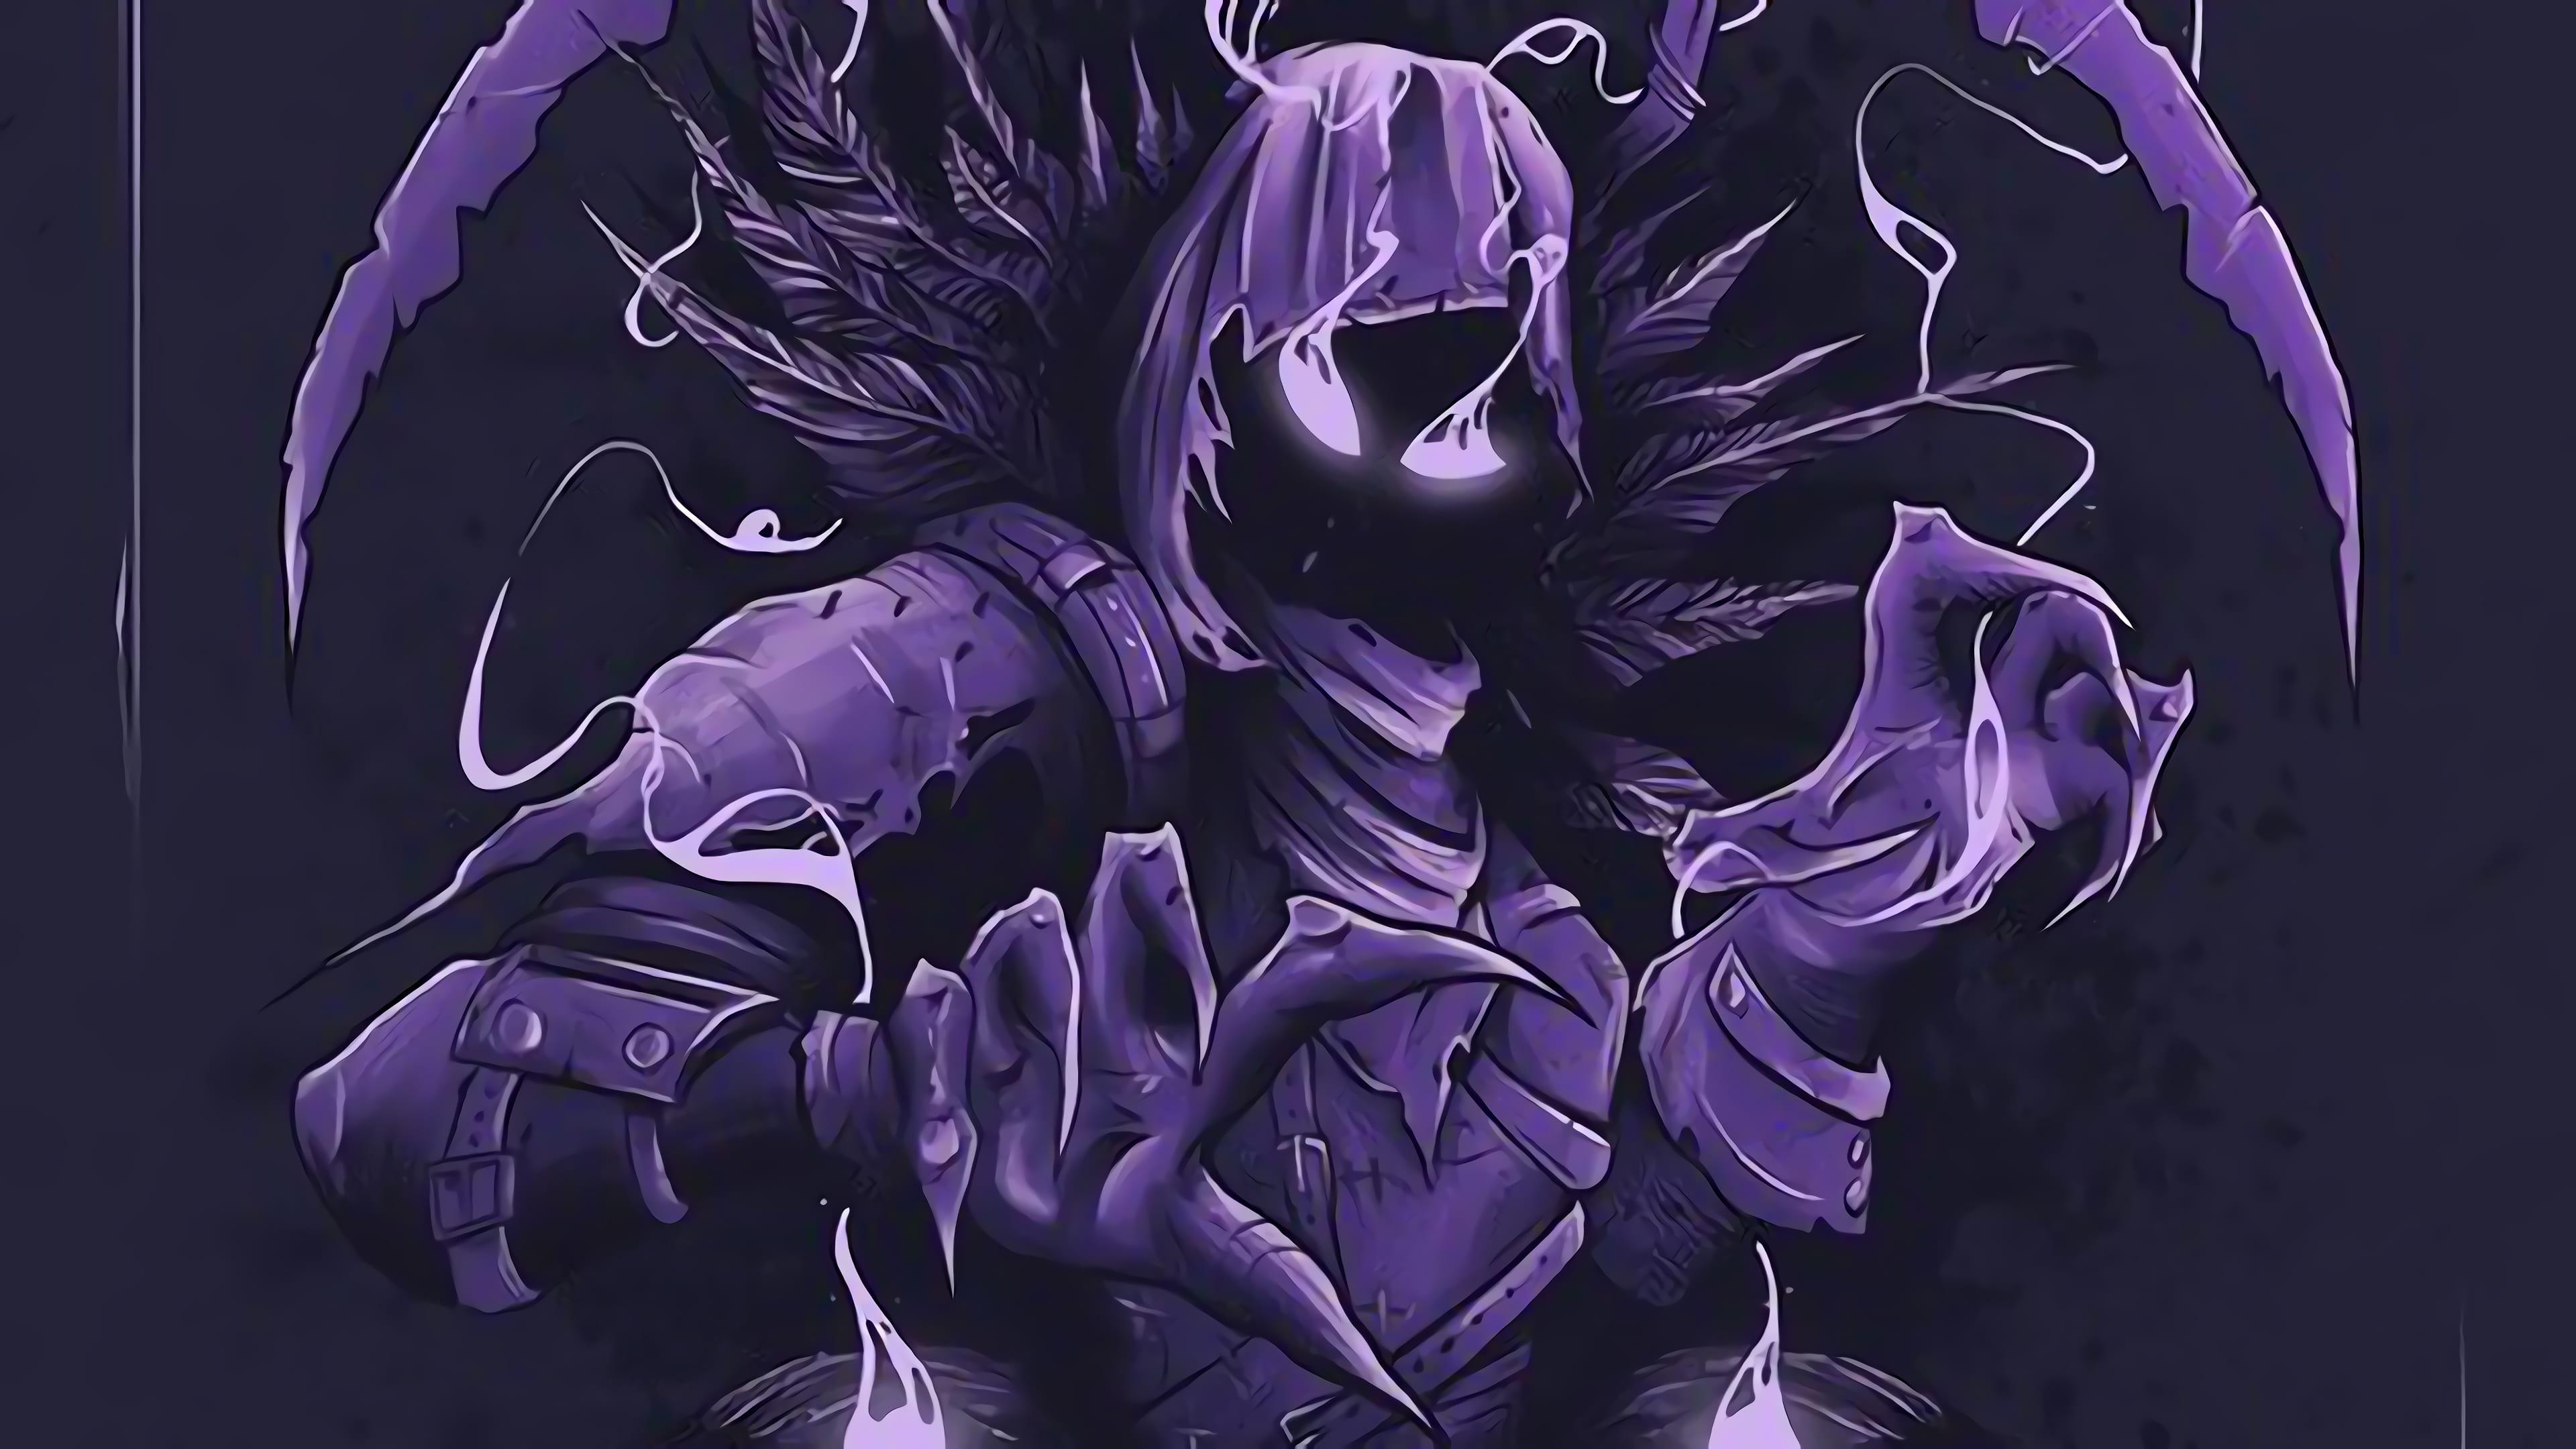 Fortnite Fan Art Wallpapers Top Free Fortnite Fan Art Backgrounds Wallpaperaccess